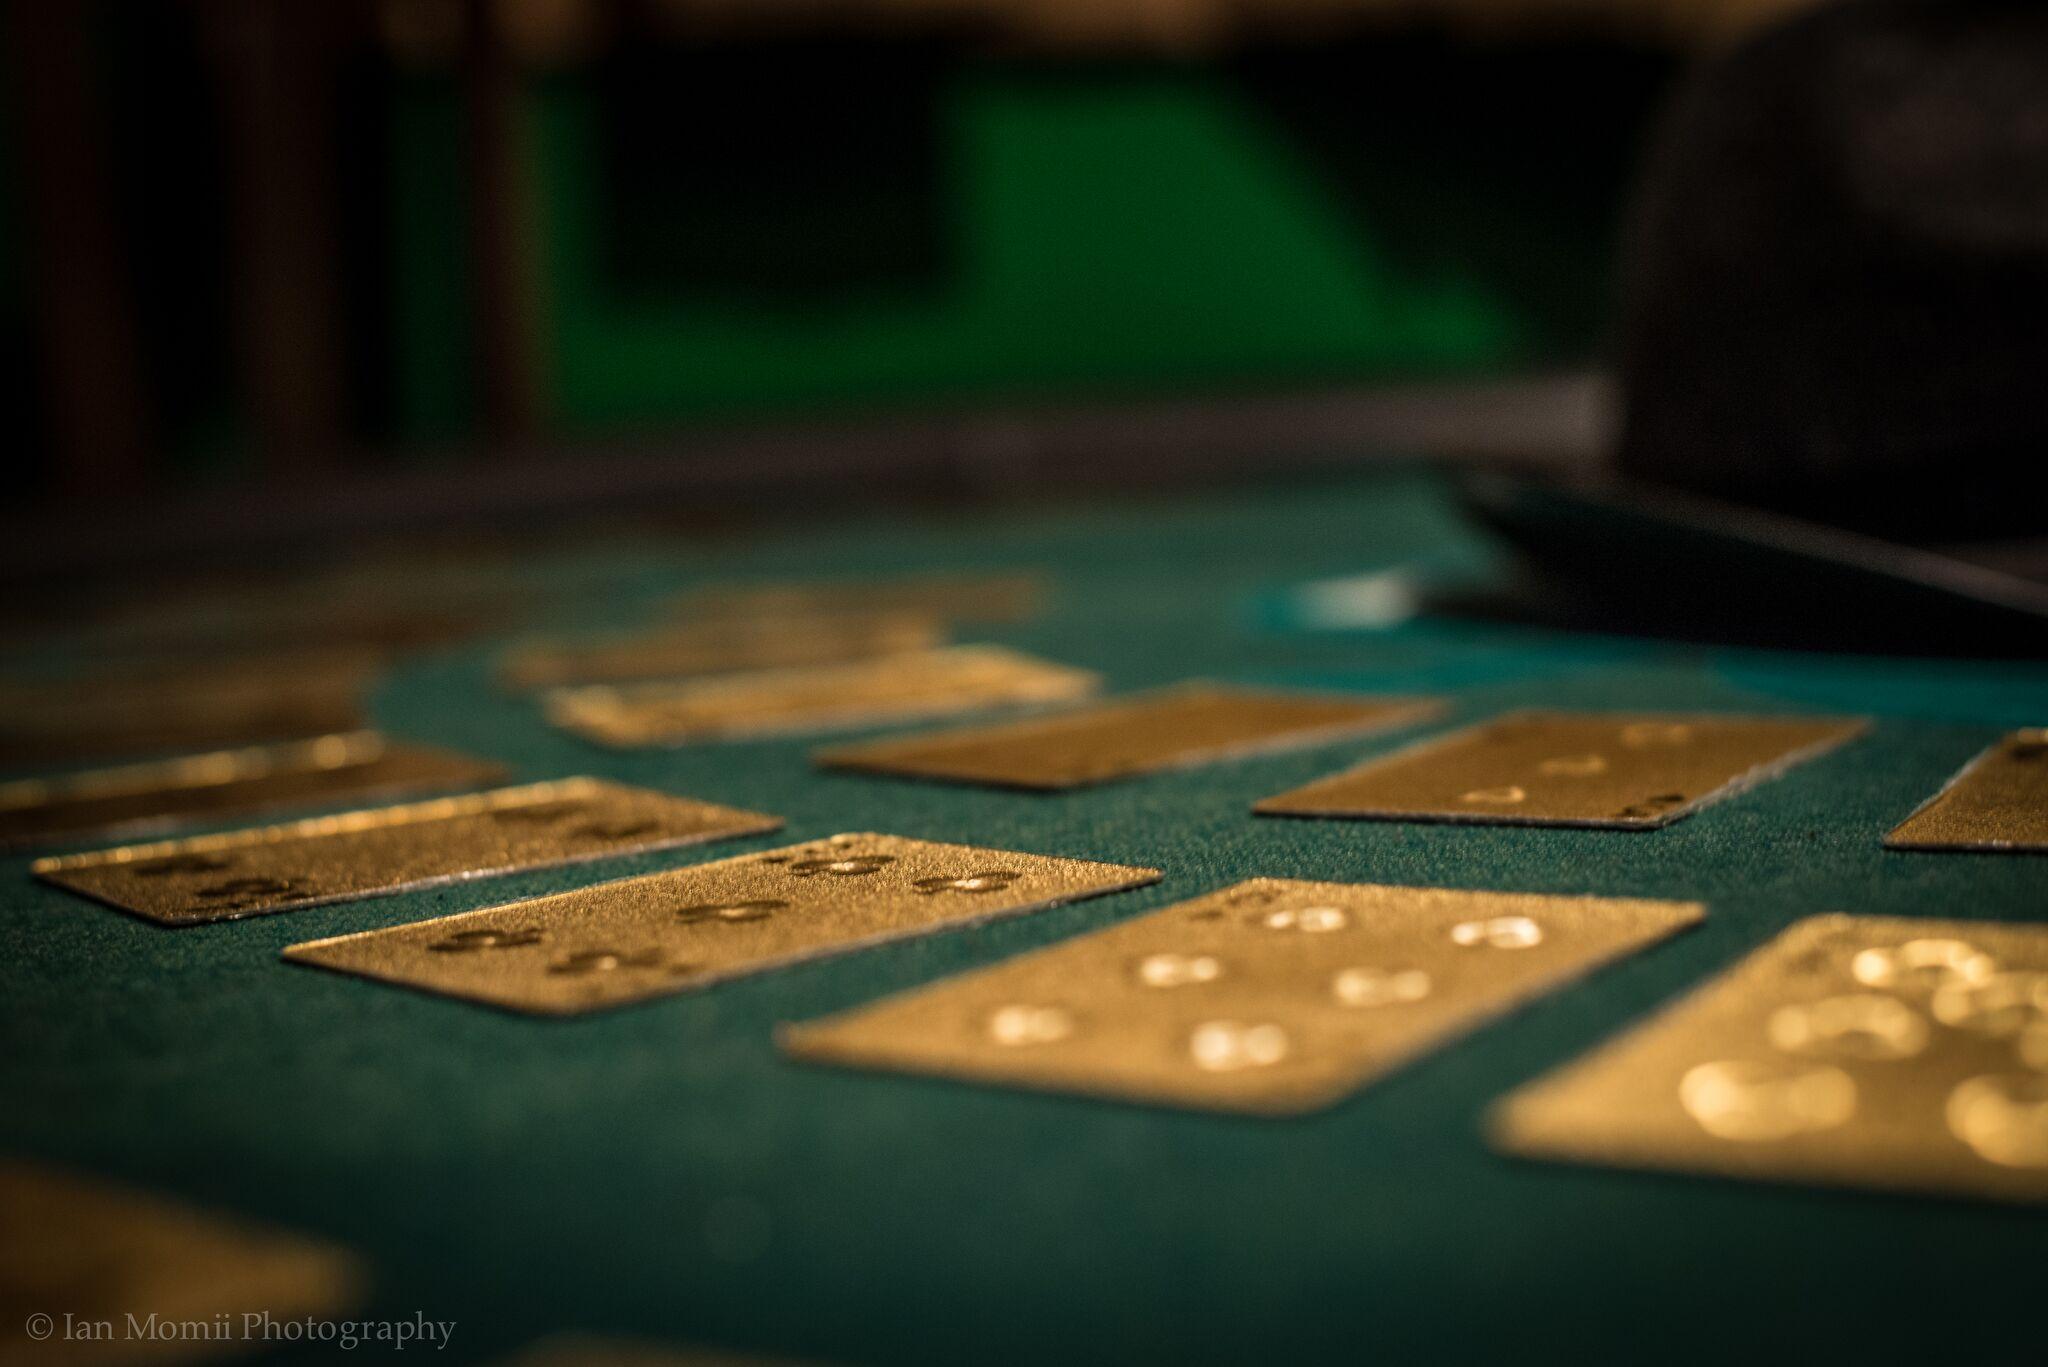 Vacuumed money casino heist gambling fallacy